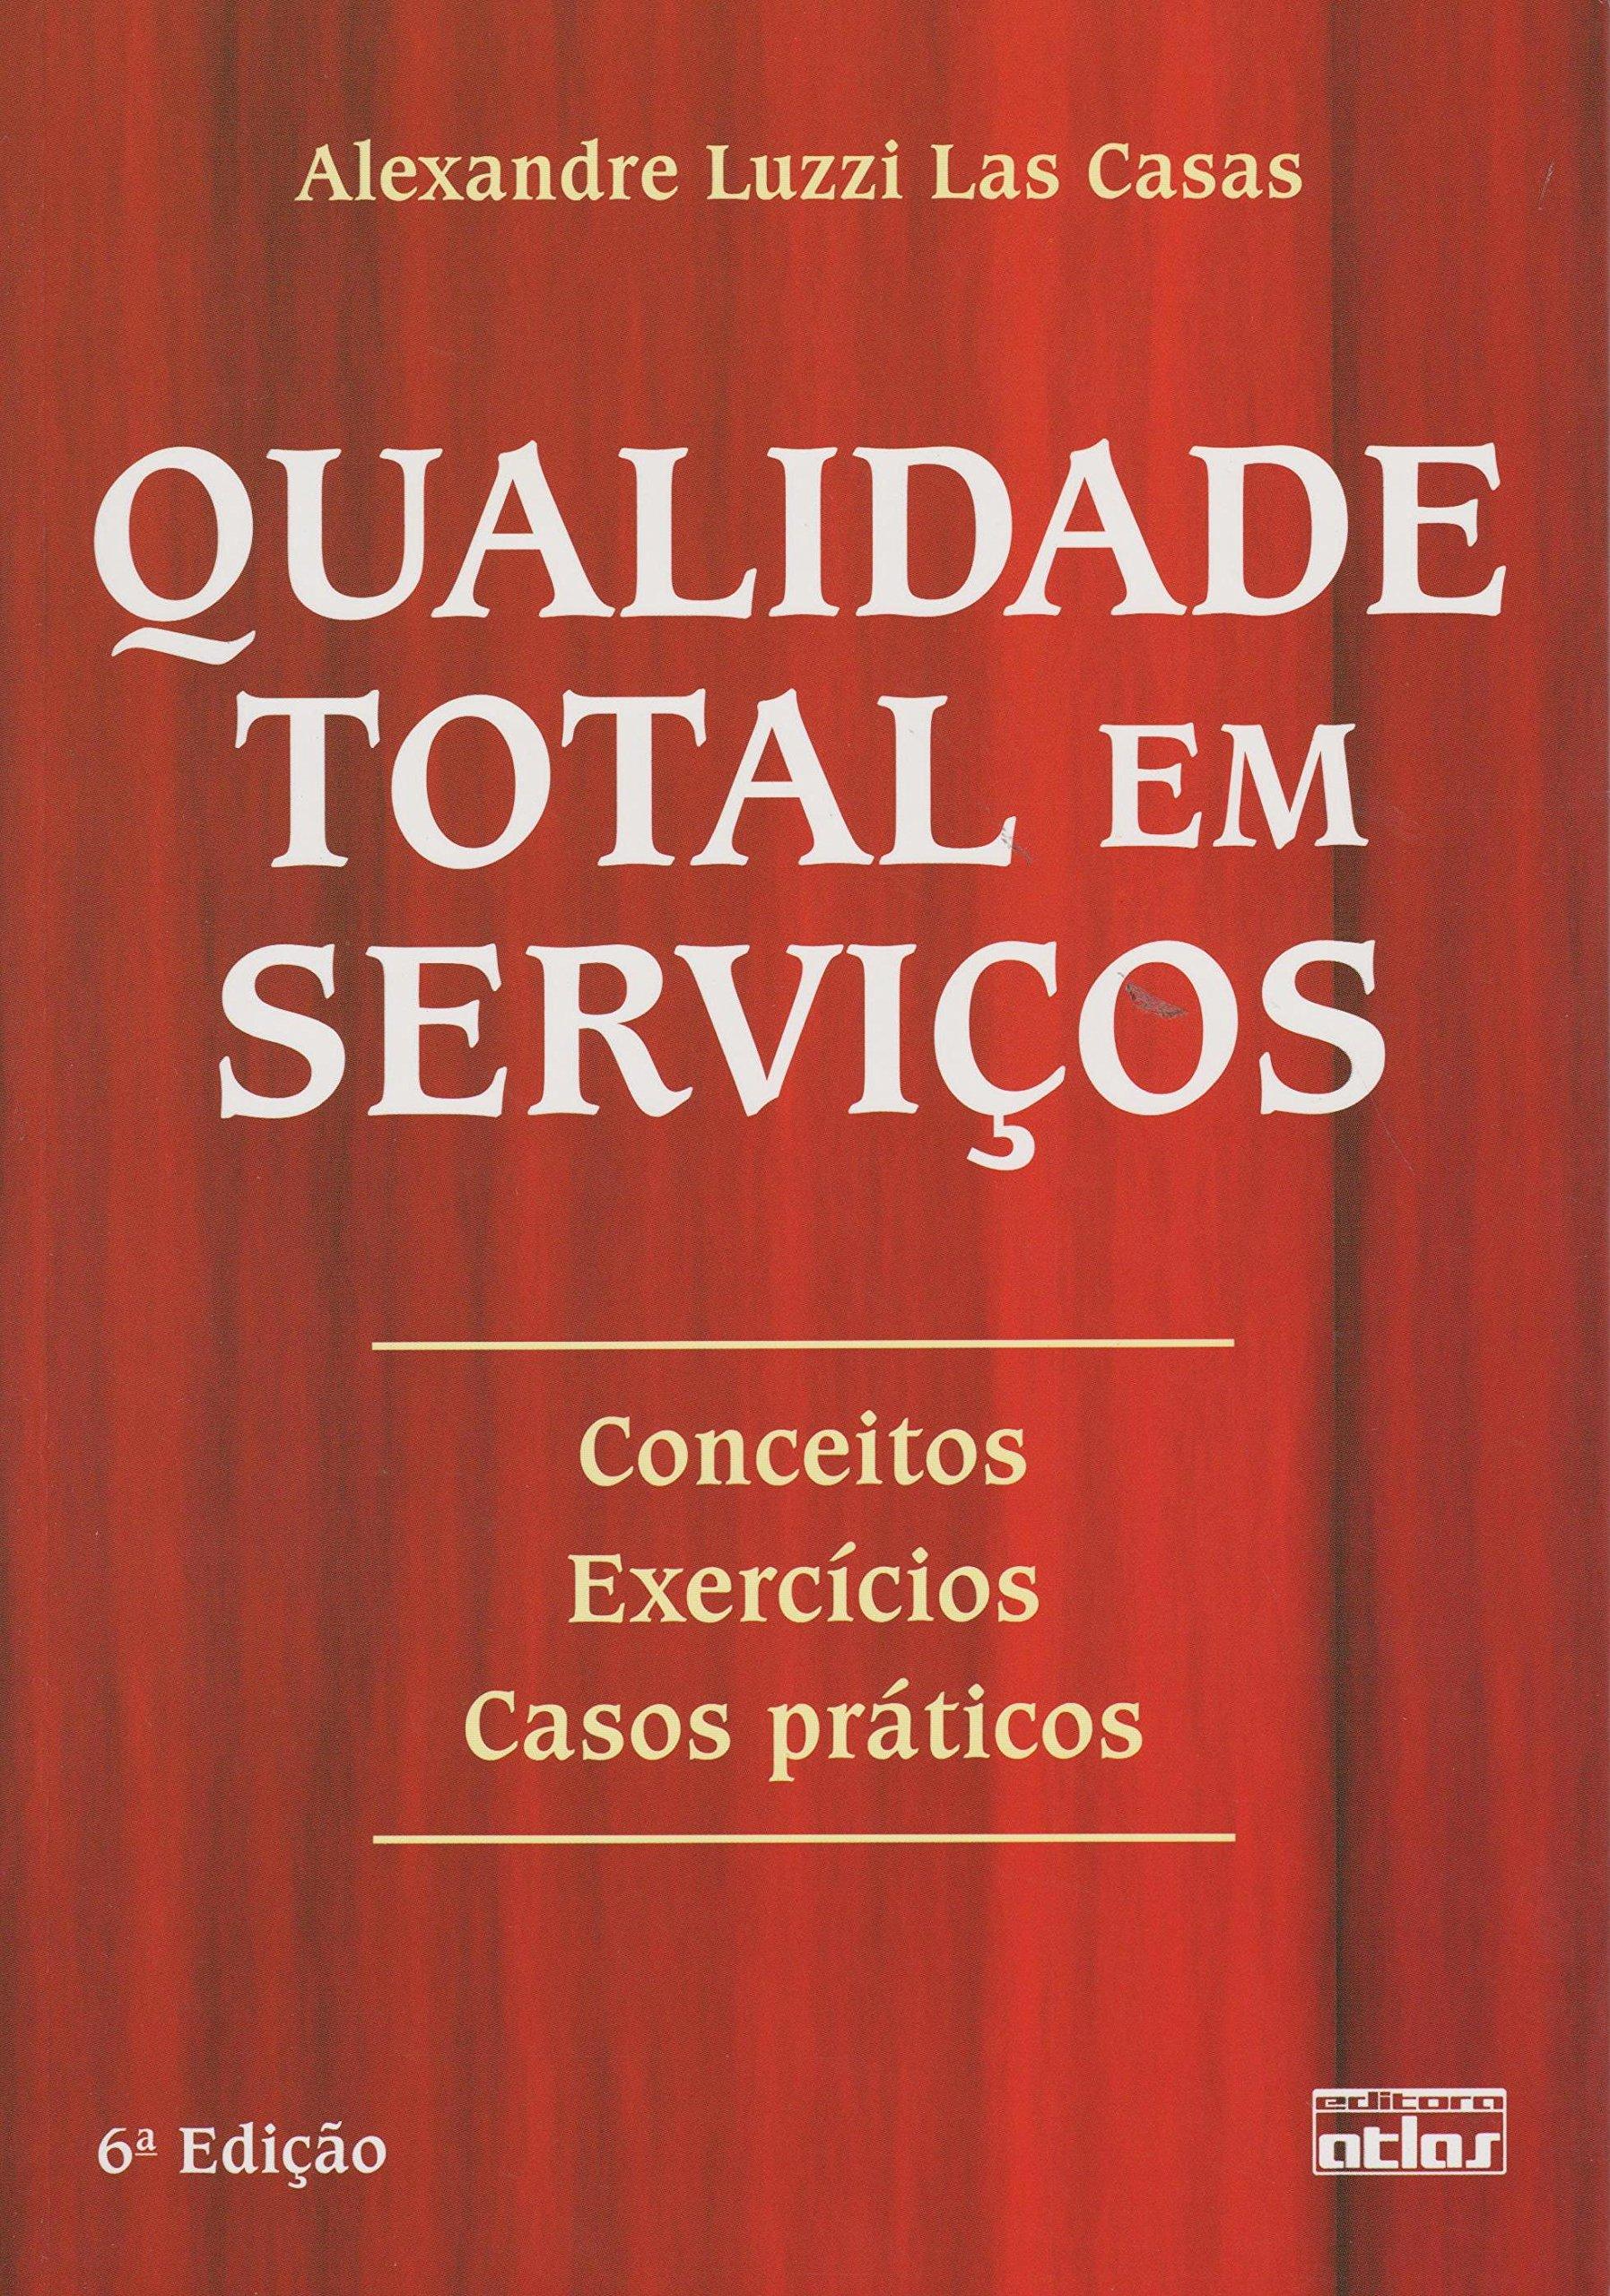 Qualidade Total em Serviços. Conceitos, Exercícios, Casos